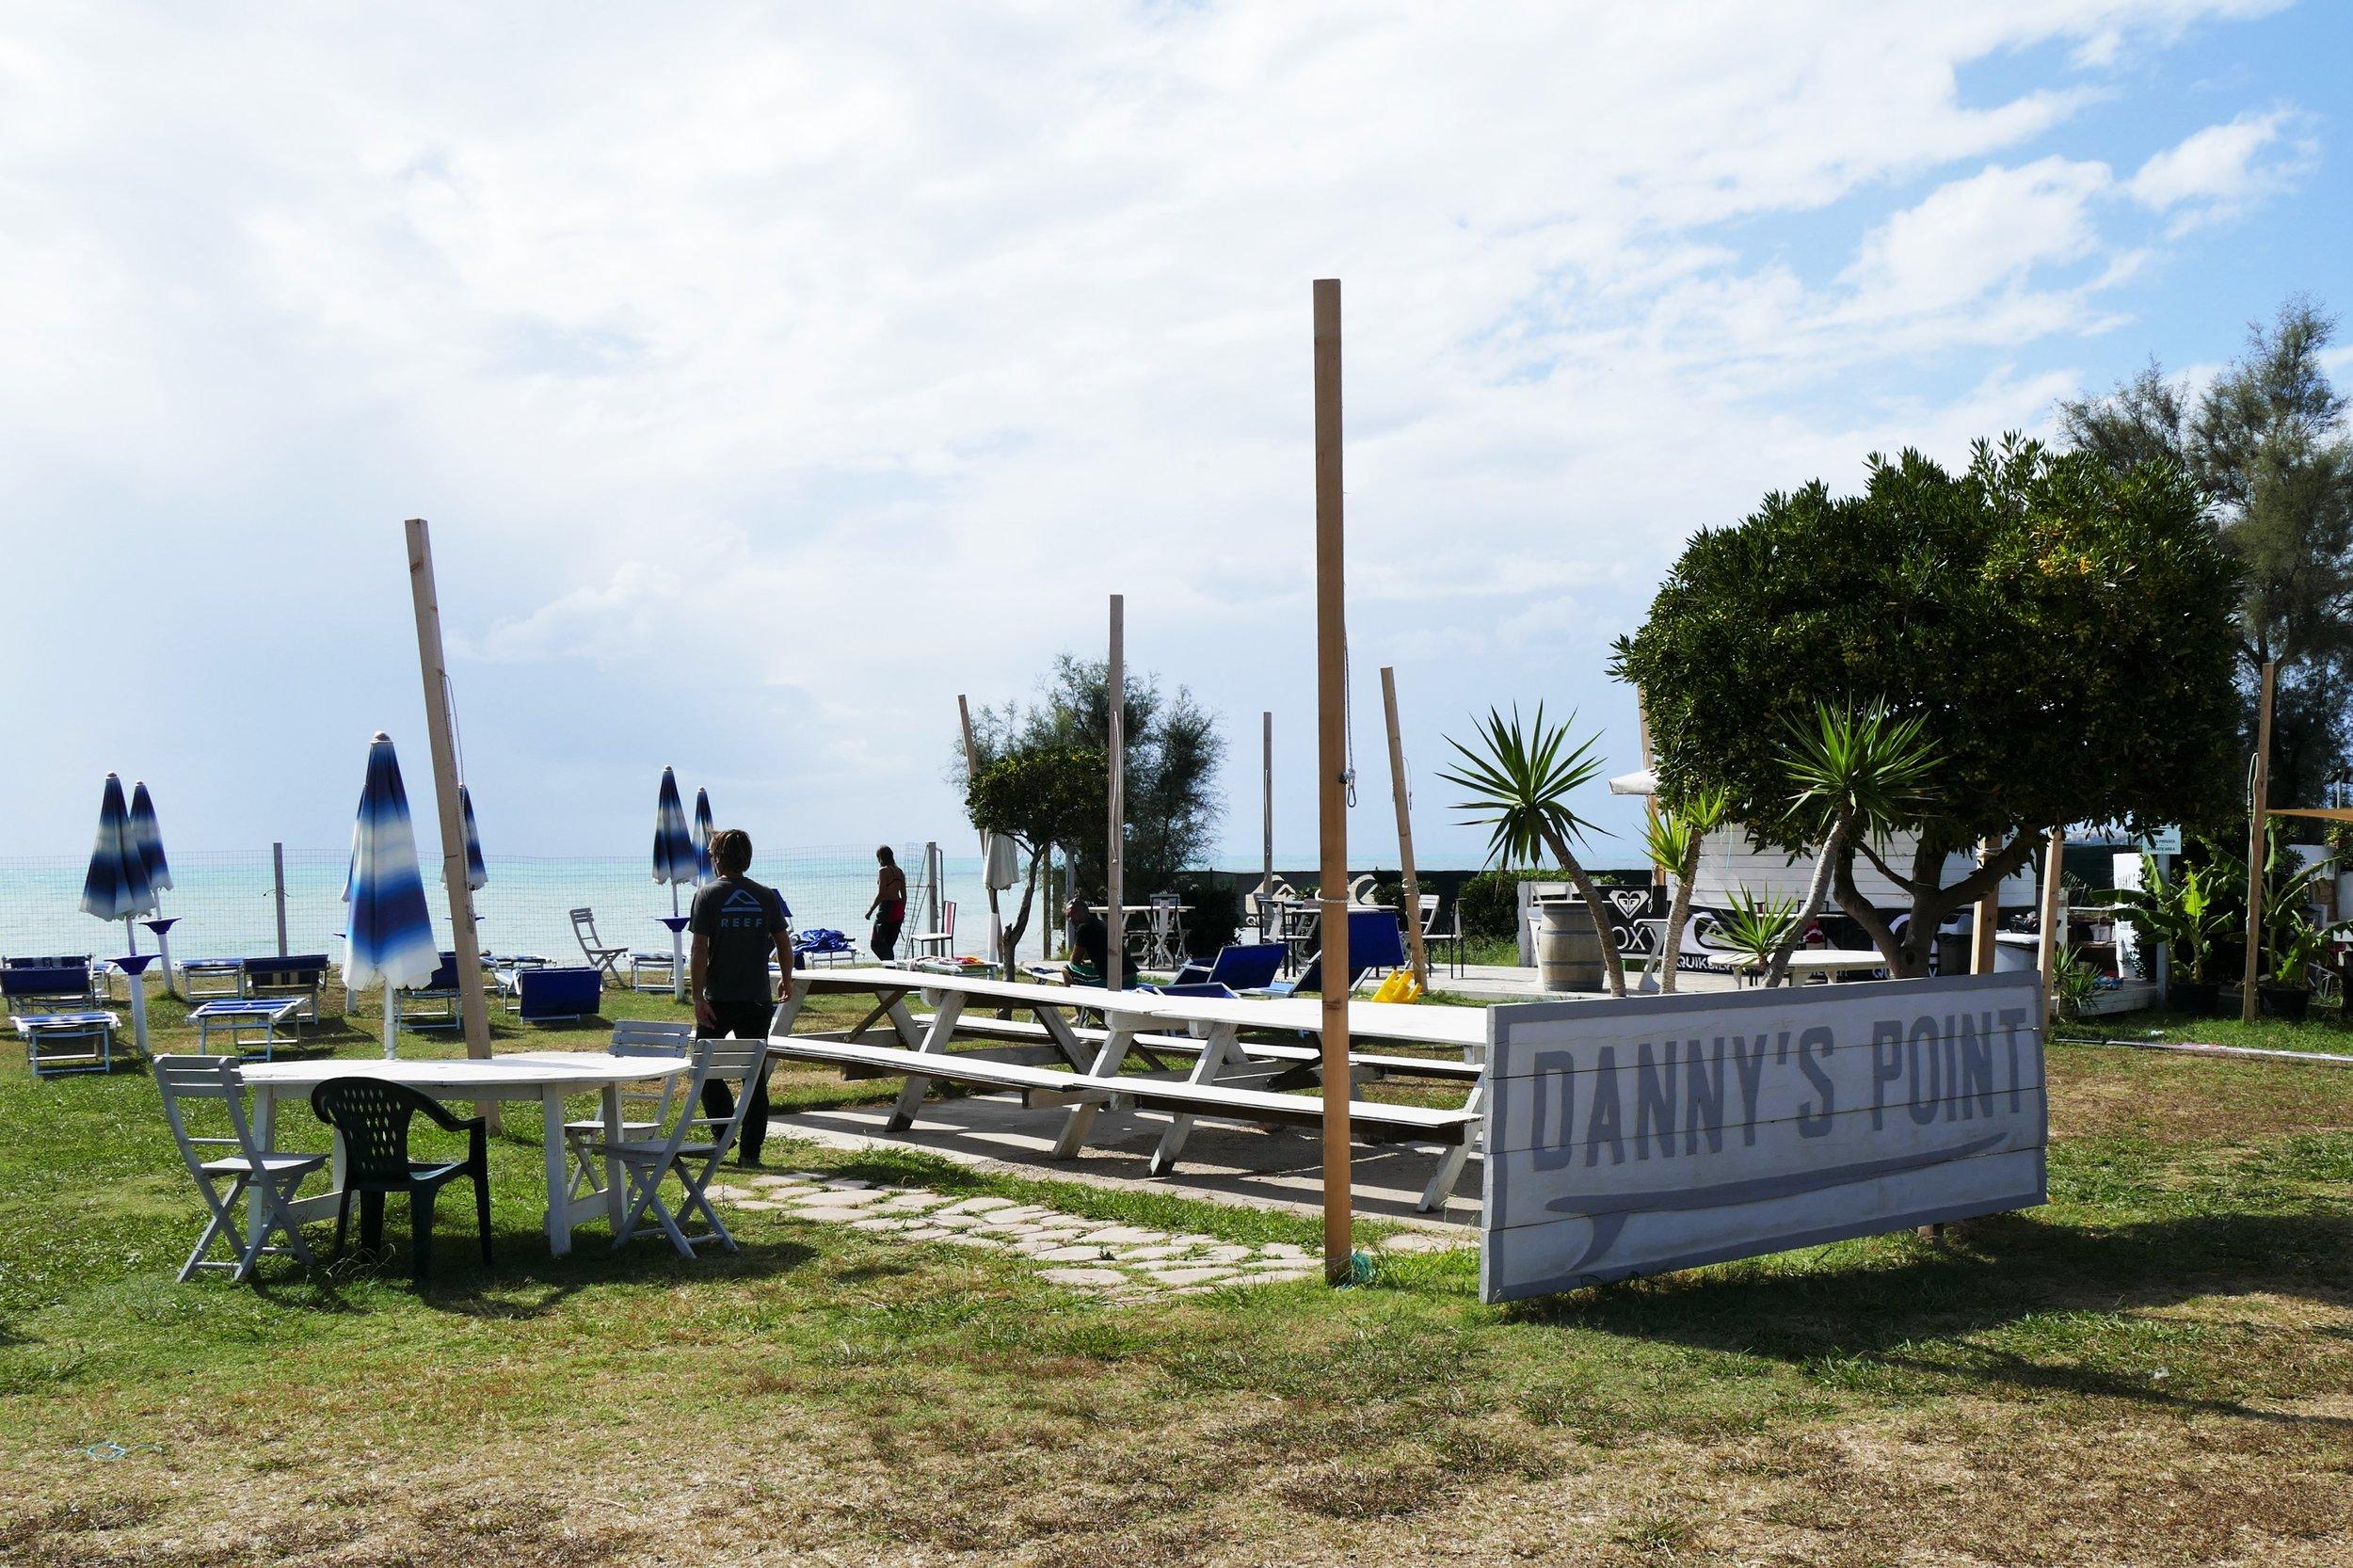 Danny's point - Banzai Beach, Rome, Italie